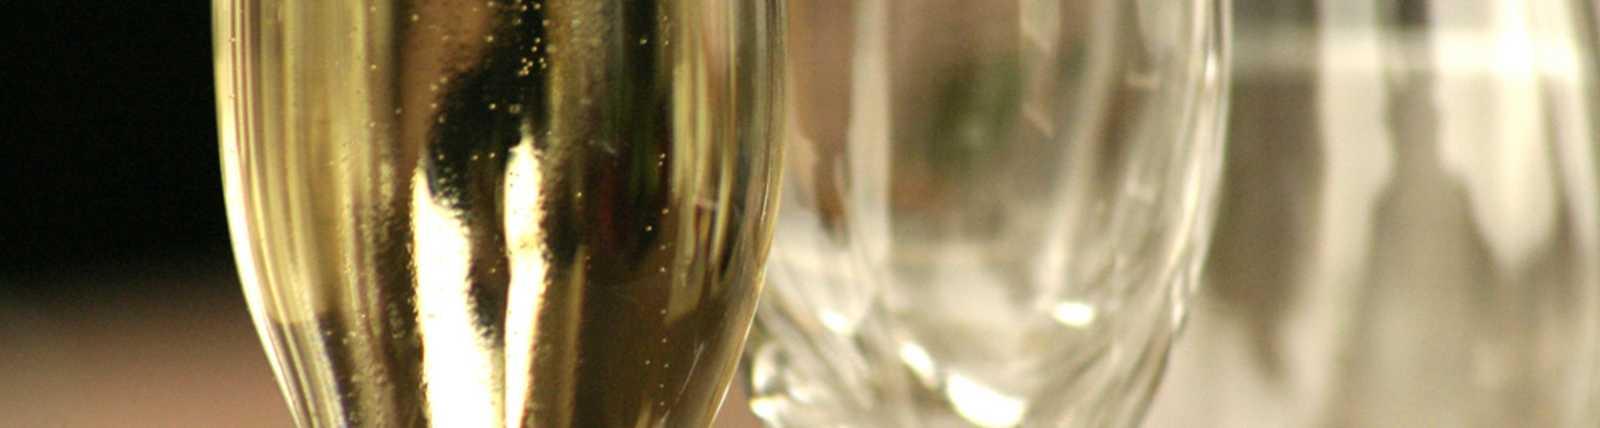 Total_Wine___More.jpg